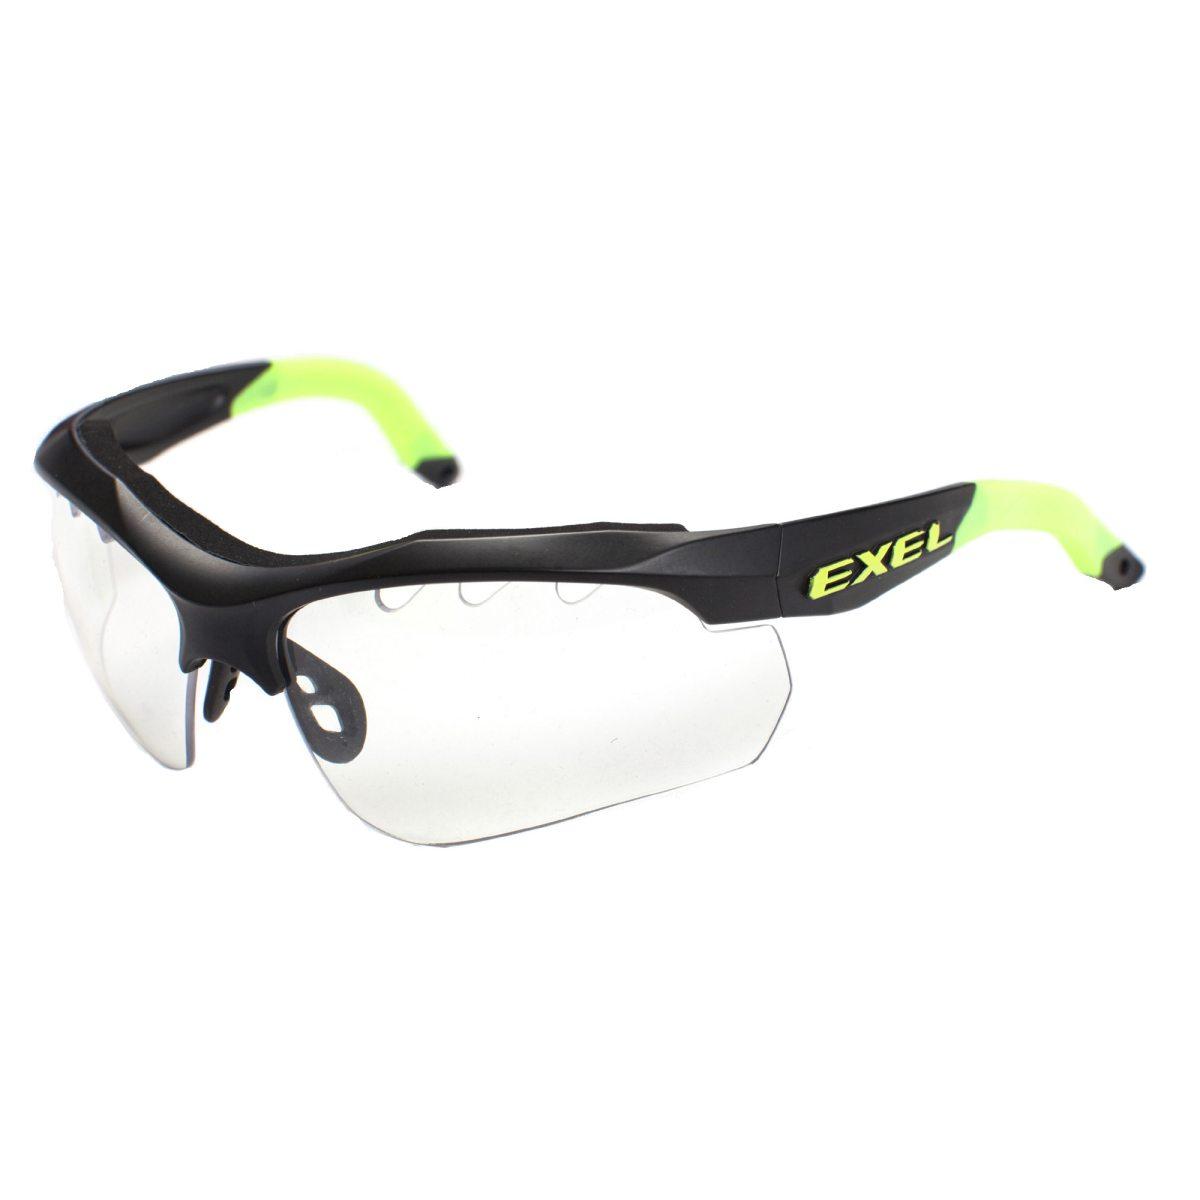 svart exel x100 eye guard glasögon innebandy senior skyddsglasögon b6af46ac0ad92